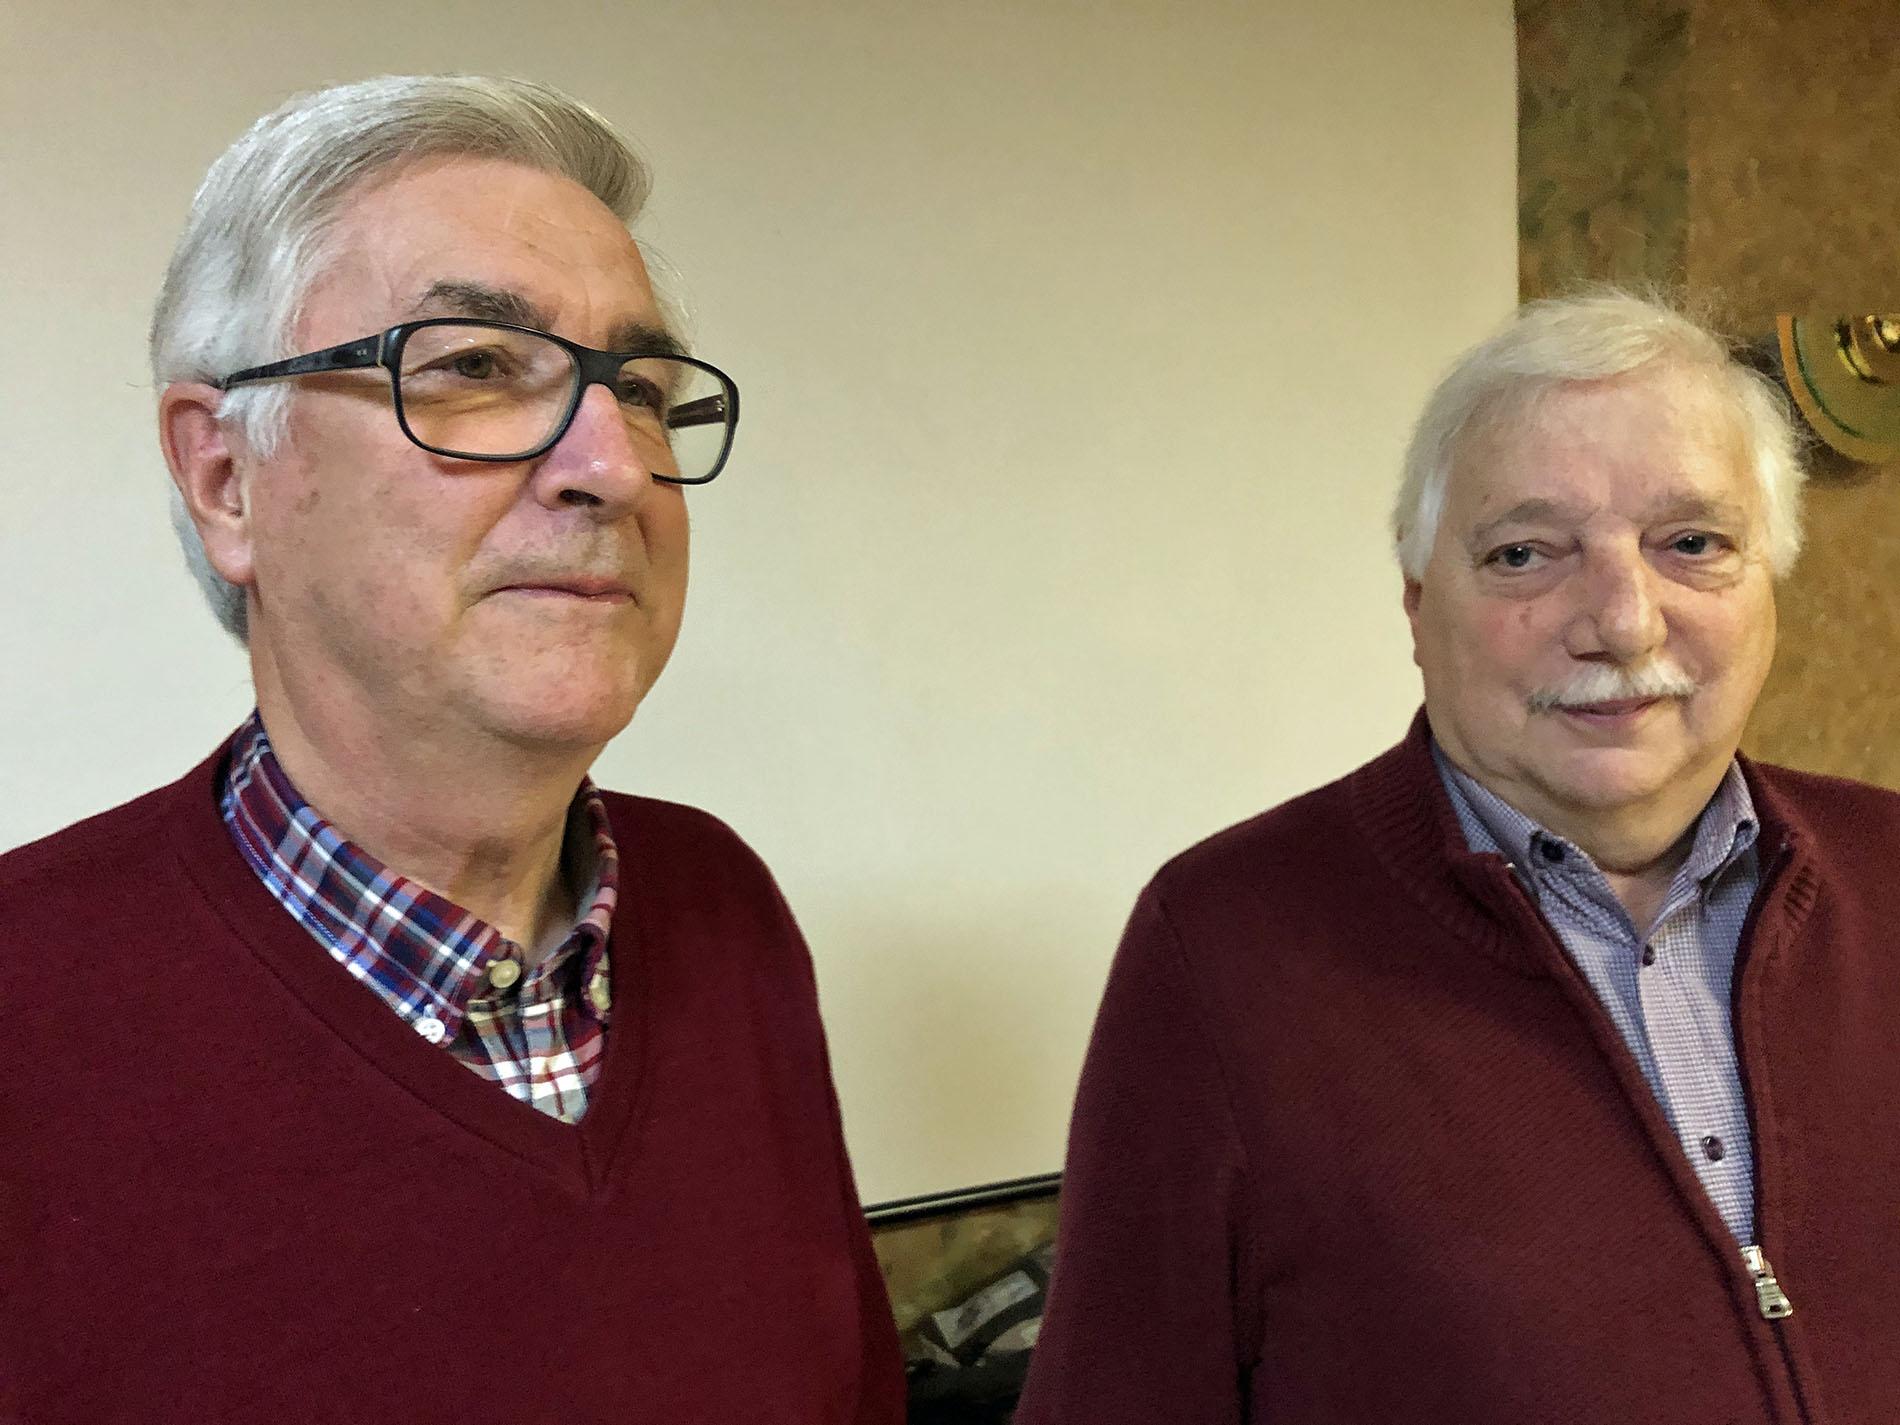 1. Tenor Herbert Jobs und 2. Bass Willi Demond aus der Kolpingstadt Kerpen unterstützen seit dem 29. November 2019 die Reihen des MGV Quartettverein Königshoven aktiv und freuen sich schon auf die gemeinsame musikalische Zeit. (Foto: Willi Schlößer)